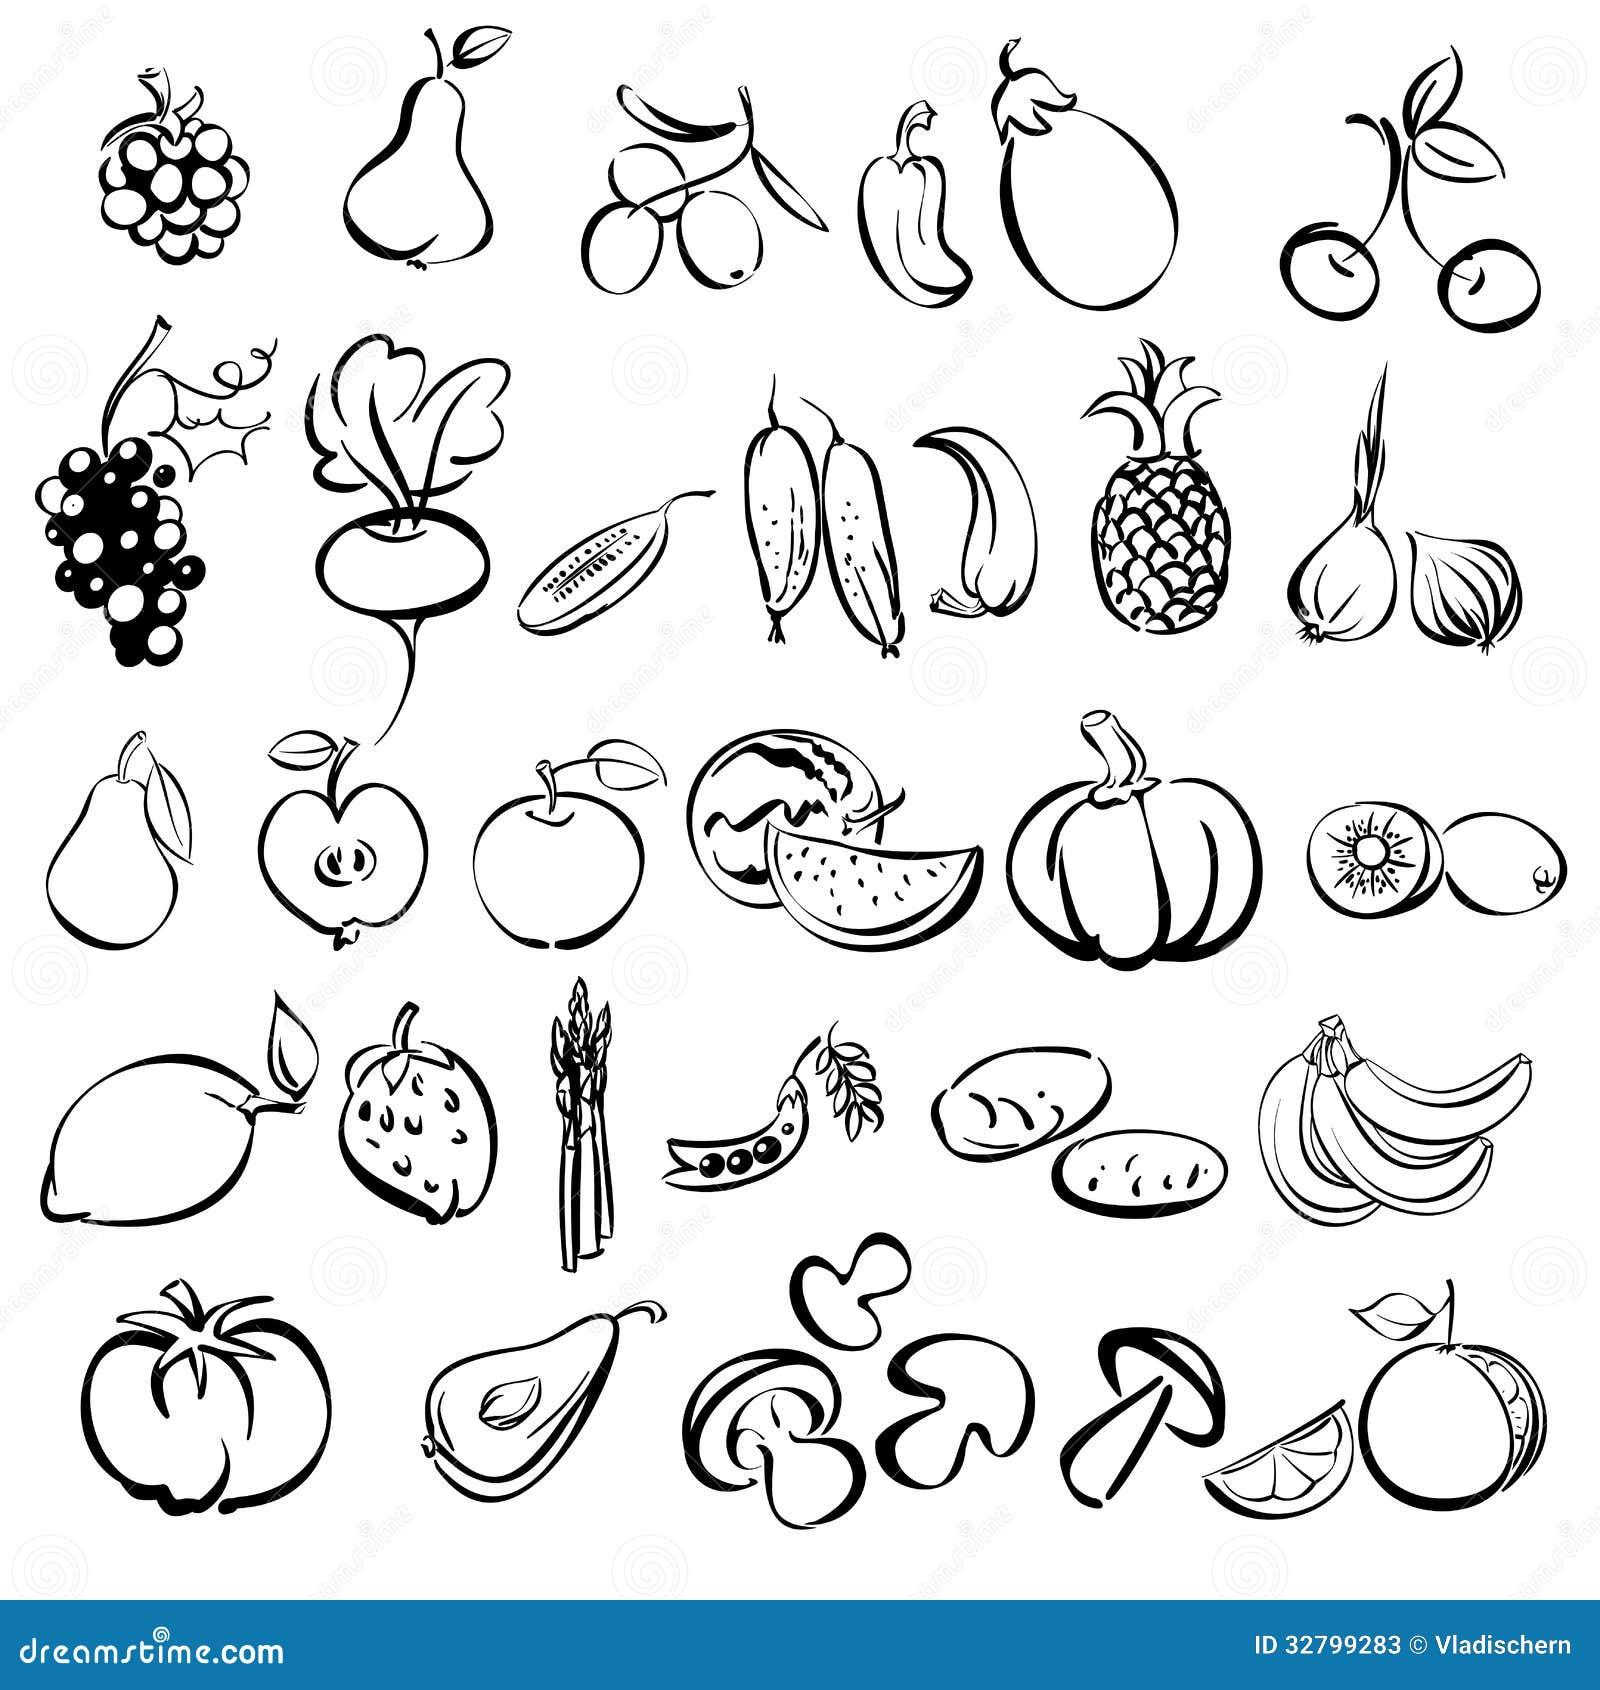 gesetzte skizze der obst und gemüse ikone vektor